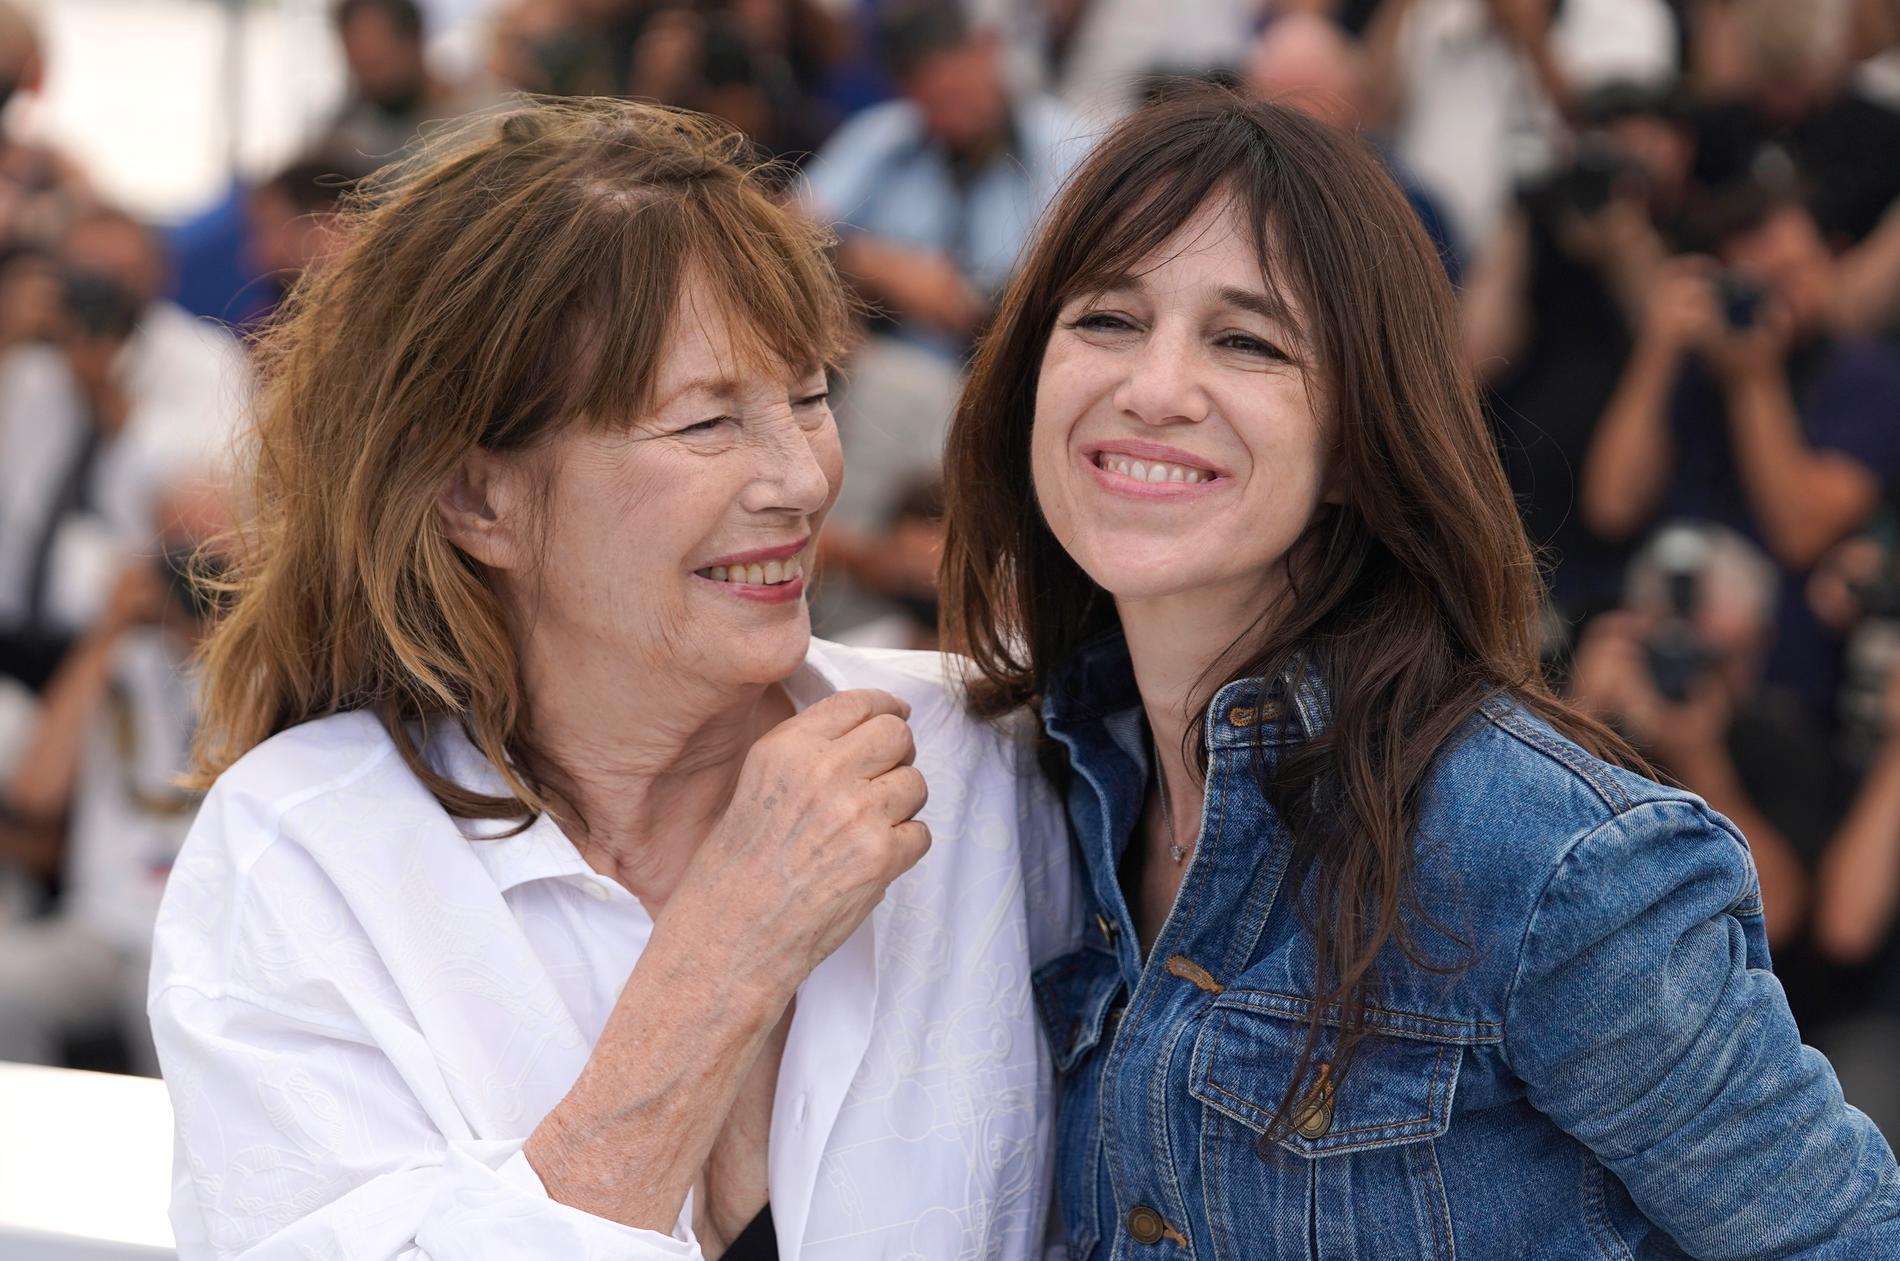 Jane Birkin och Charlotte Gainsbourg poserar för fotograferna på röda mattan i Cannes.